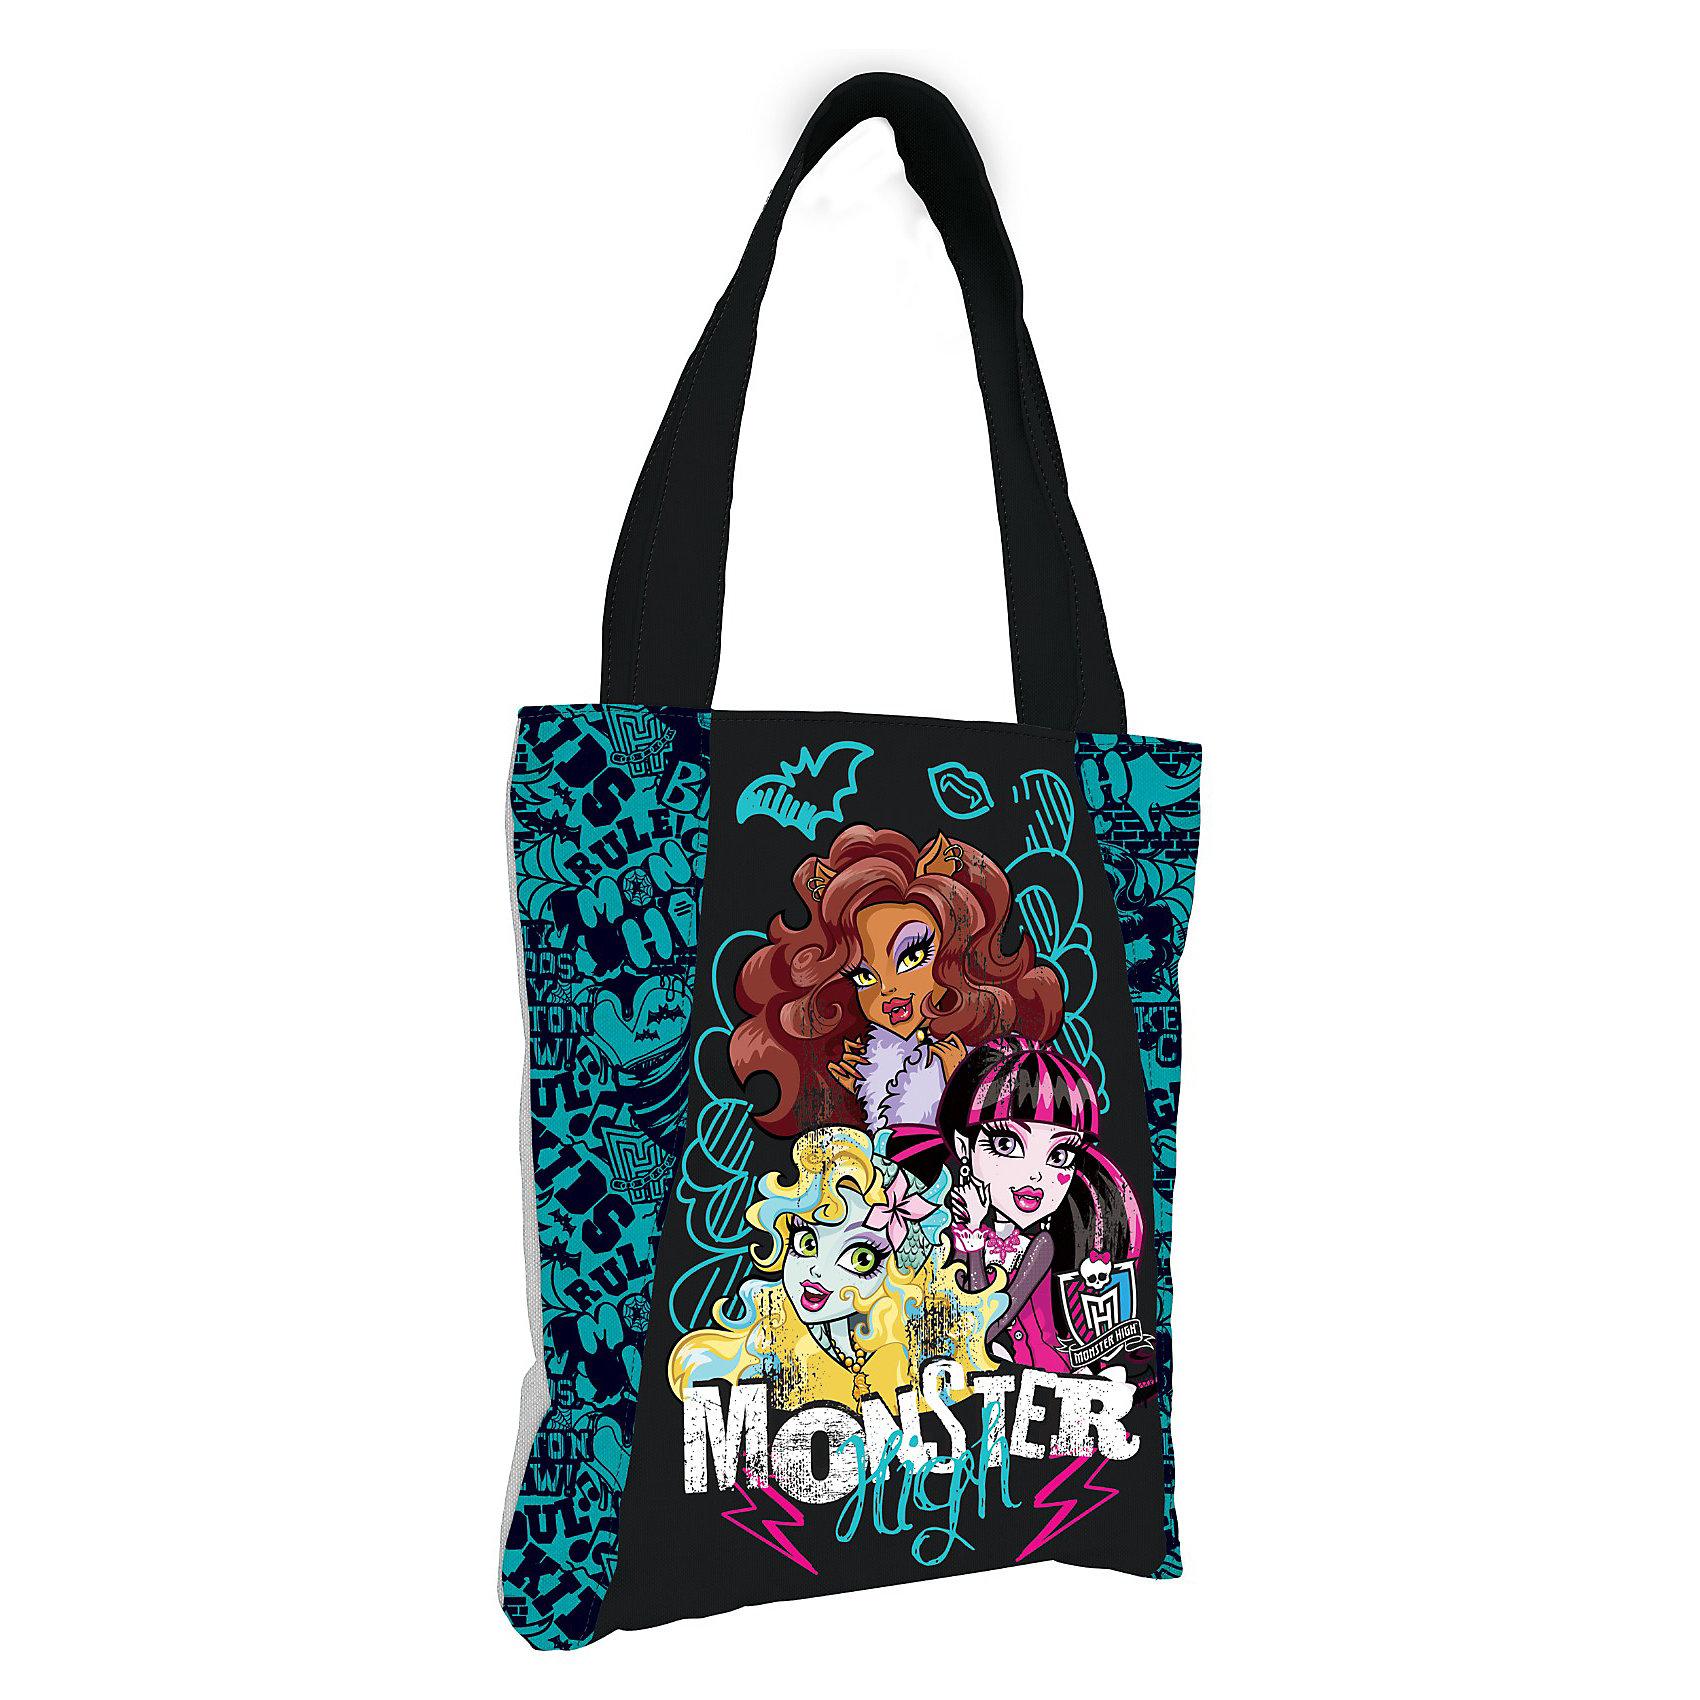 Сумка, Monster HighMonster High<br>Сумка  Monster High (Монстер Хай) - это выбор стильных девчонок! Удобная сумочка с одним отделением на длинных ручках обязательно понравится Вашей дочке-подростку, ведь в ее дизайне ничто не напоминает детскую вещь. Оригинальность изделию придает сочетание черного цвета с контрастными элементами декора. Сумка очень легкая и вместительная, ее удобно носить на плече. <br><br>Дополнительная информация:<br><br>- Сумка Monster High (Монстер Хай) предназначена для девочек-школьниц;<br>- Эта модель подходит для использования в различных сферах жизни: для секций или прогулок;<br>- Габариты изделия позволяют складывать в сумку как различные мелочи, так и габаритные вещи типа тетрадей или альбомов;<br>- В качестве дополнительного элемента декора используется изображение героинь мультсериала Monster High (Монстер Хай);<br>- Длинные ручки позволяют вешать сумку на плечо;<br>- Яркий дизайн идеален для девочек;<br>- Легкая и компактная;<br>- Размер: 28 х 34 х 6 см;<br>- Материал: полиэстер;<br>- Вес: 275 г.<br><br>Сумку, Monster High (Монстер Хай) можно купить в нашем интернет-магазине.<br><br>Ширина мм: 350<br>Глубина мм: 350<br>Высота мм: 200<br>Вес г: 500<br>Возраст от месяцев: 120<br>Возраст до месяцев: 144<br>Пол: Женский<br>Возраст: Детский<br>SKU: 3563368